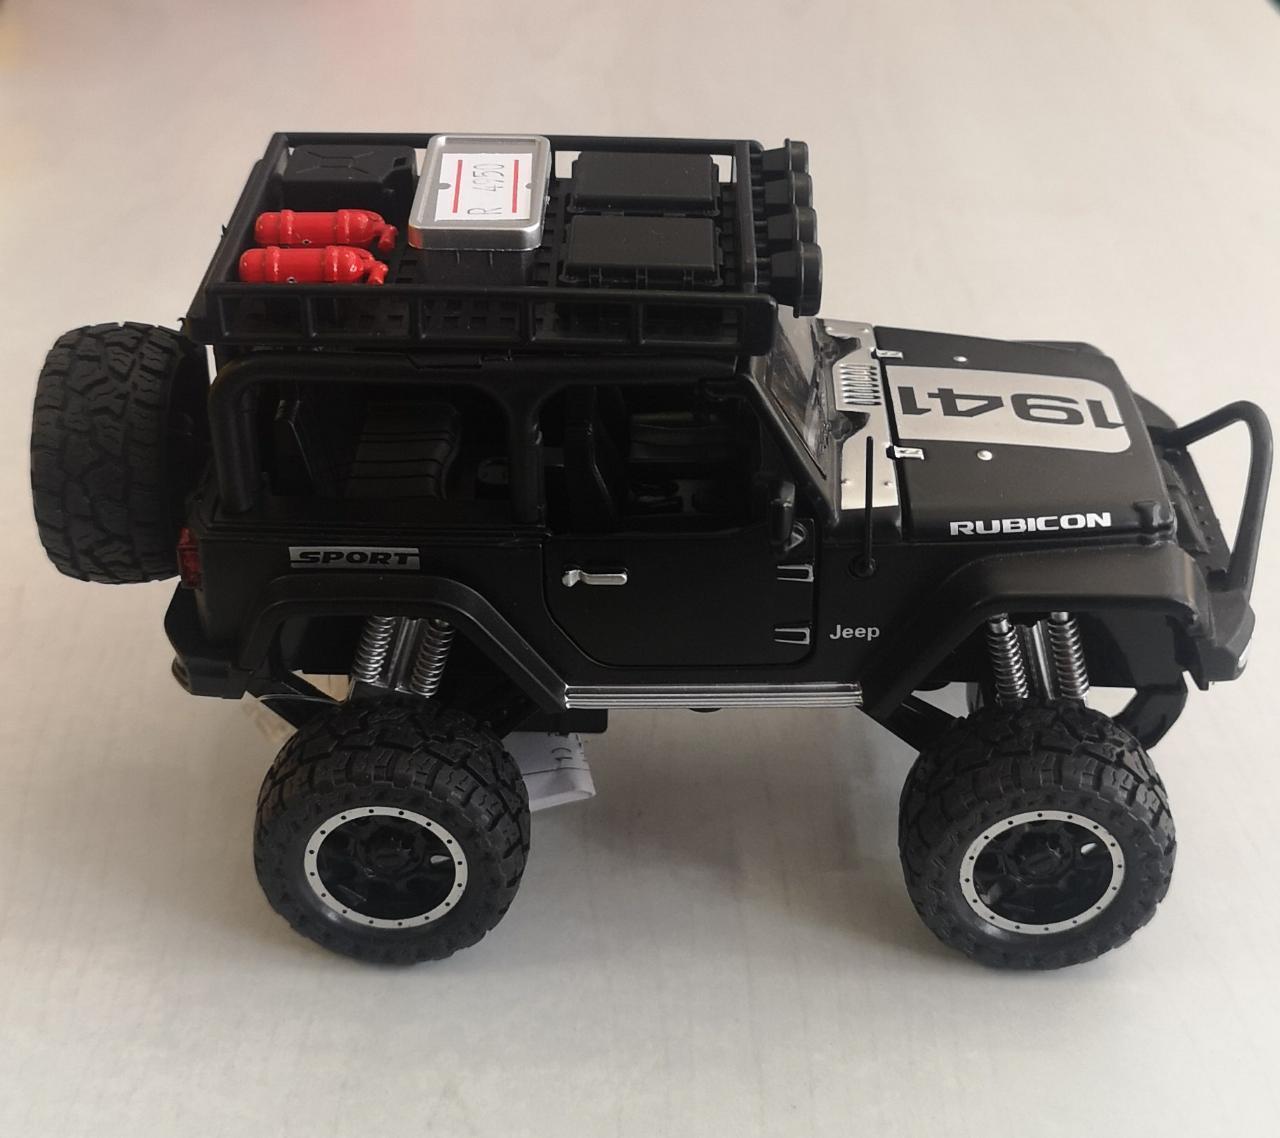 Металлическая модель автомобиля Jeep - фото 1